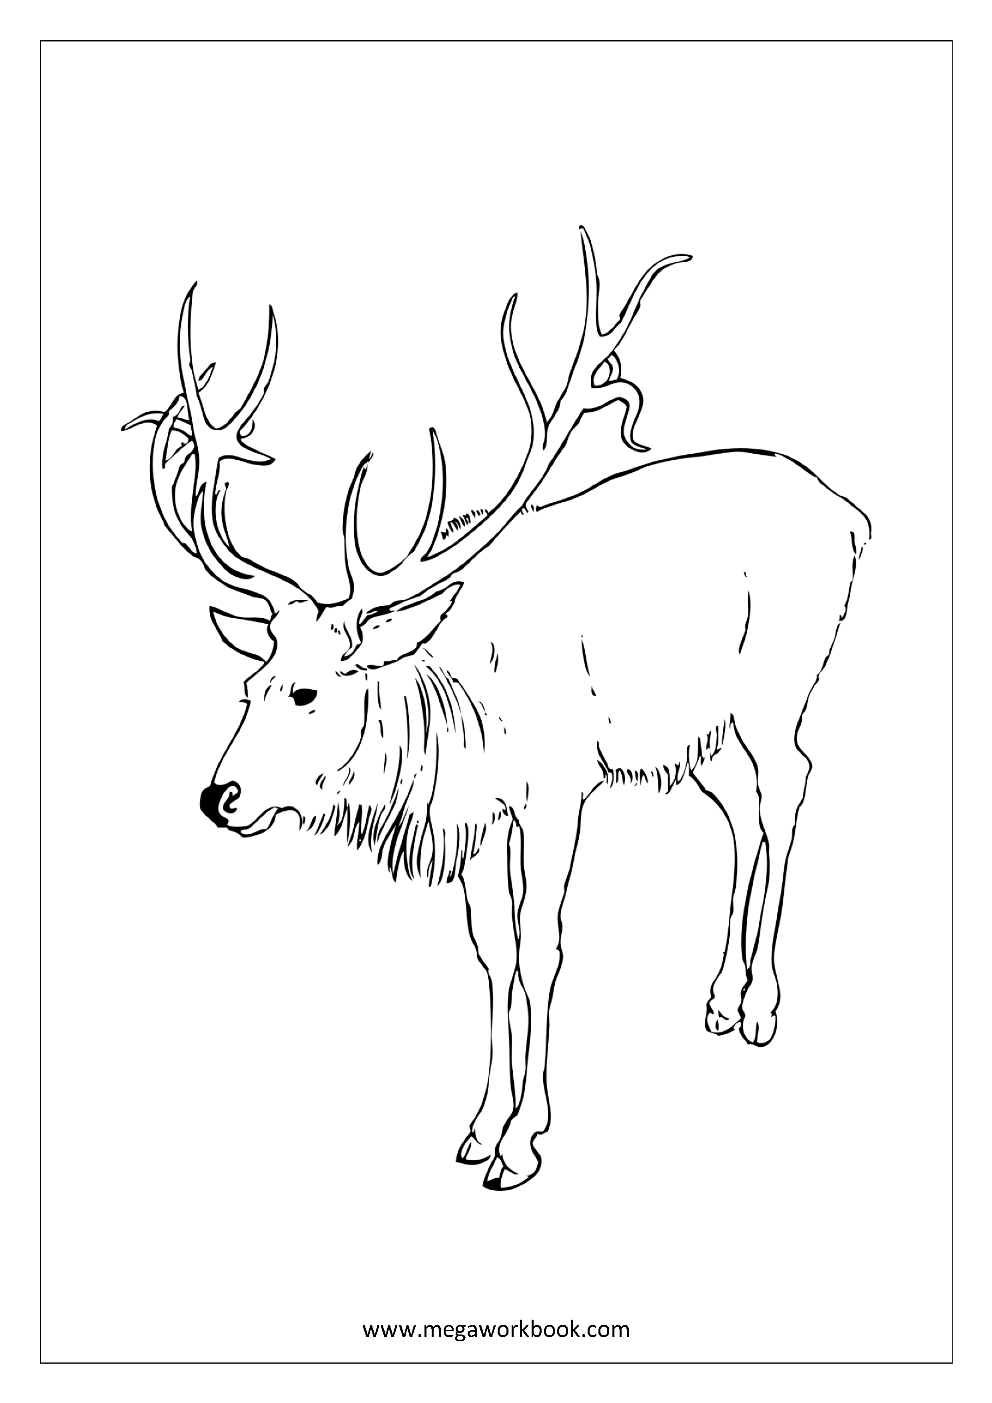 caribou sheets mersn proforum co